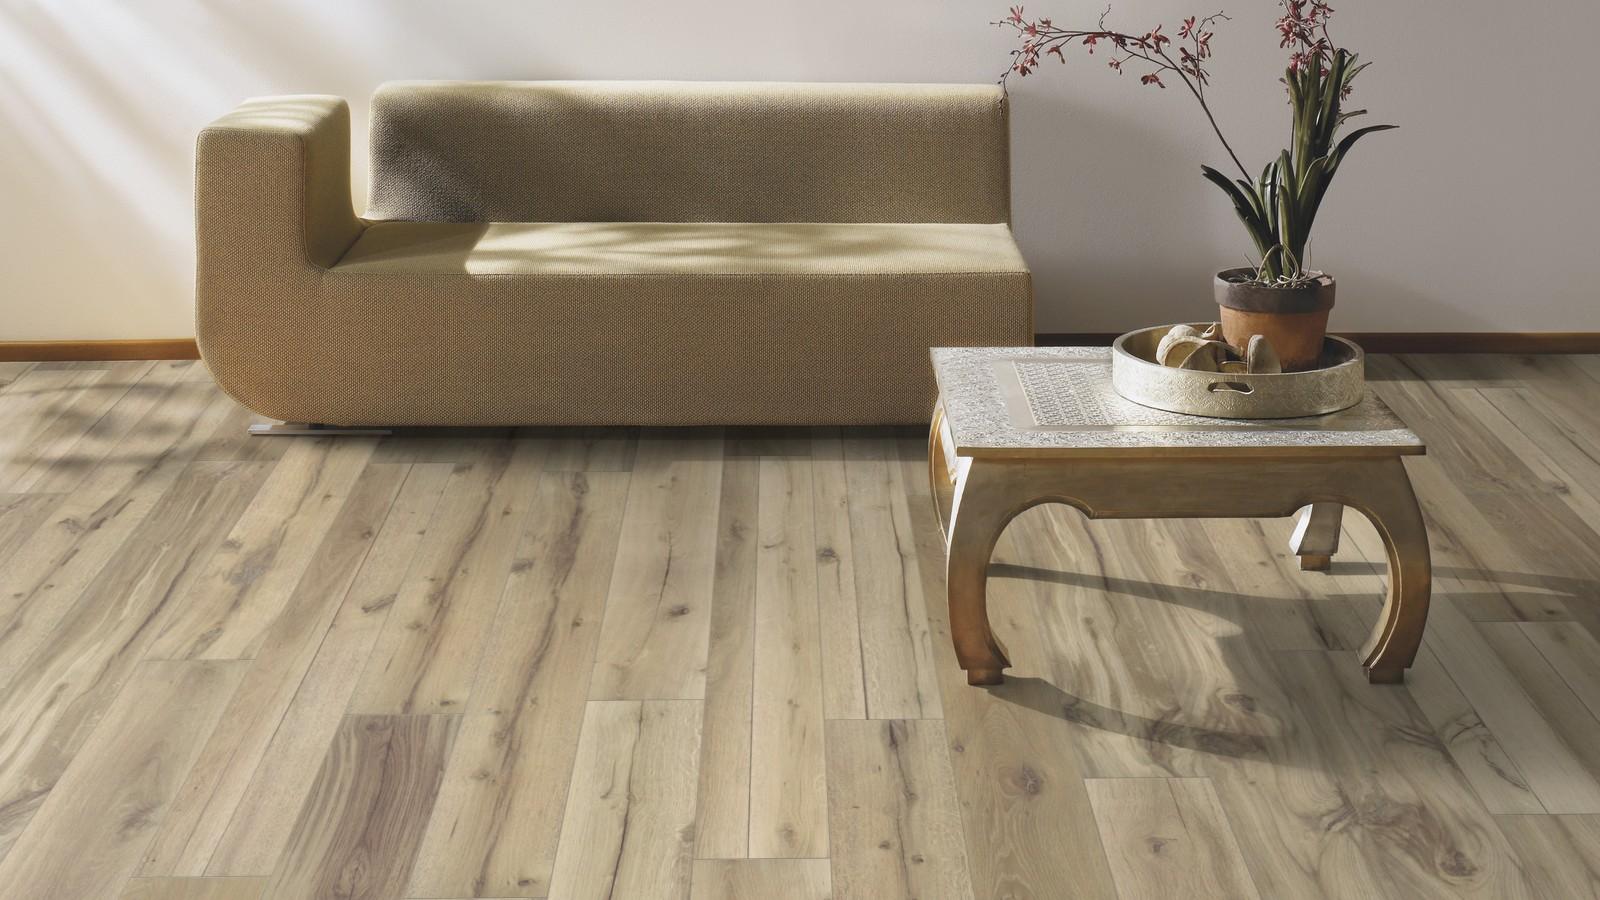 Avatara Split Oak Light Man Made Wood Floor Wood4floors